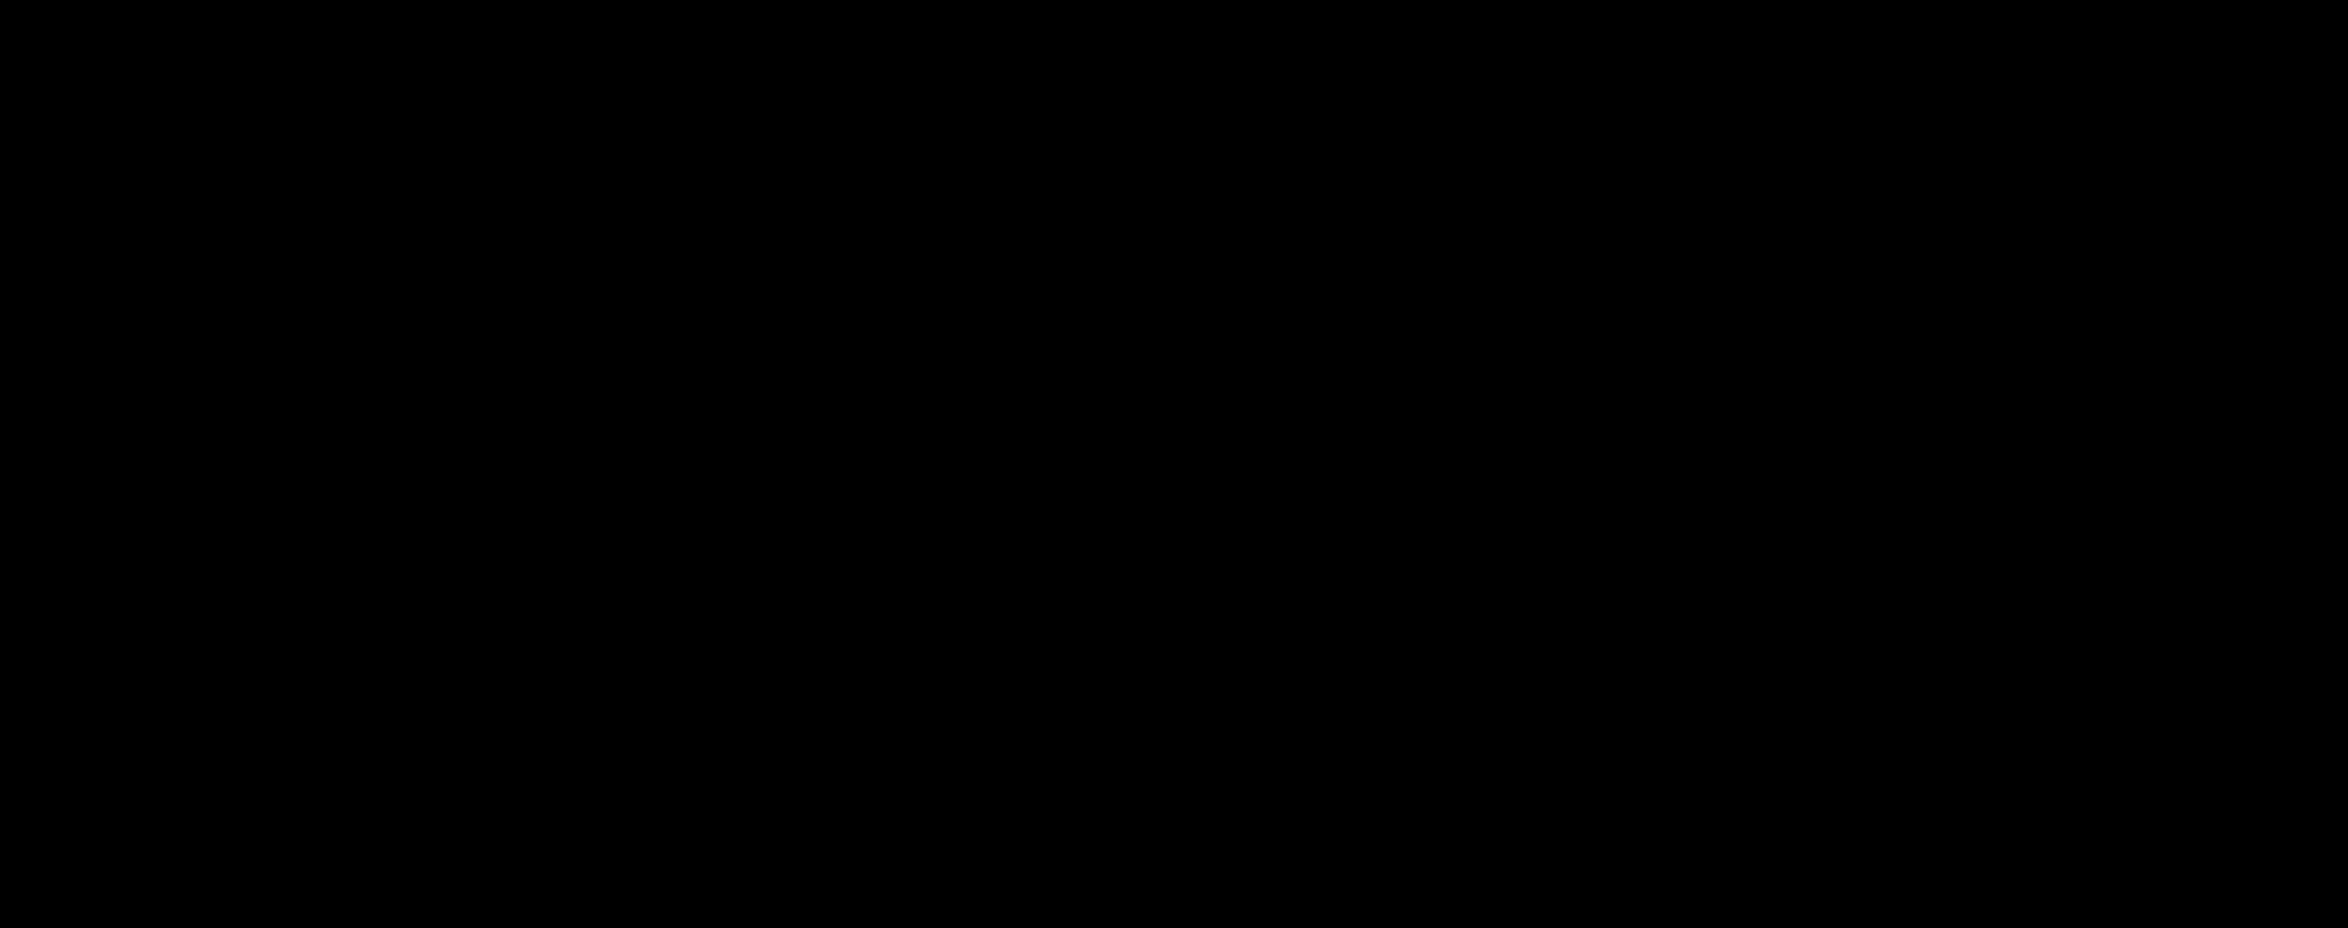 เเลคตาซอยรักษ์ไทย